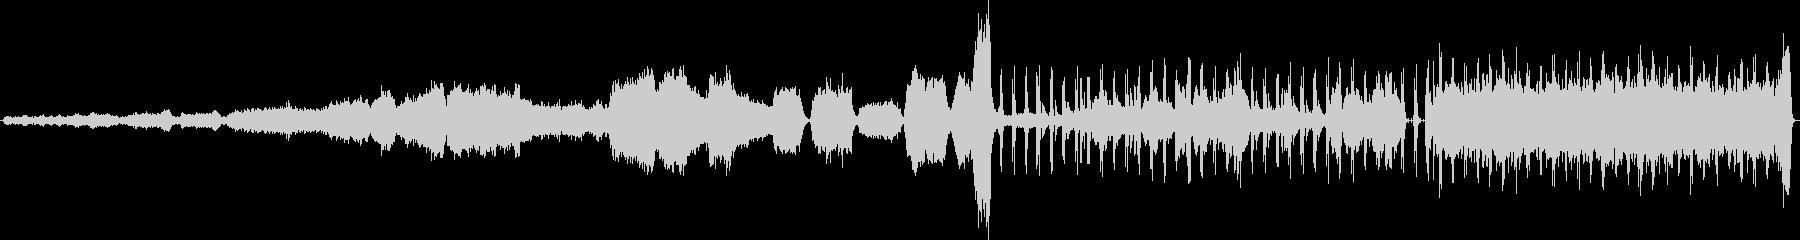 交響詩「レクイエム」の未再生の波形